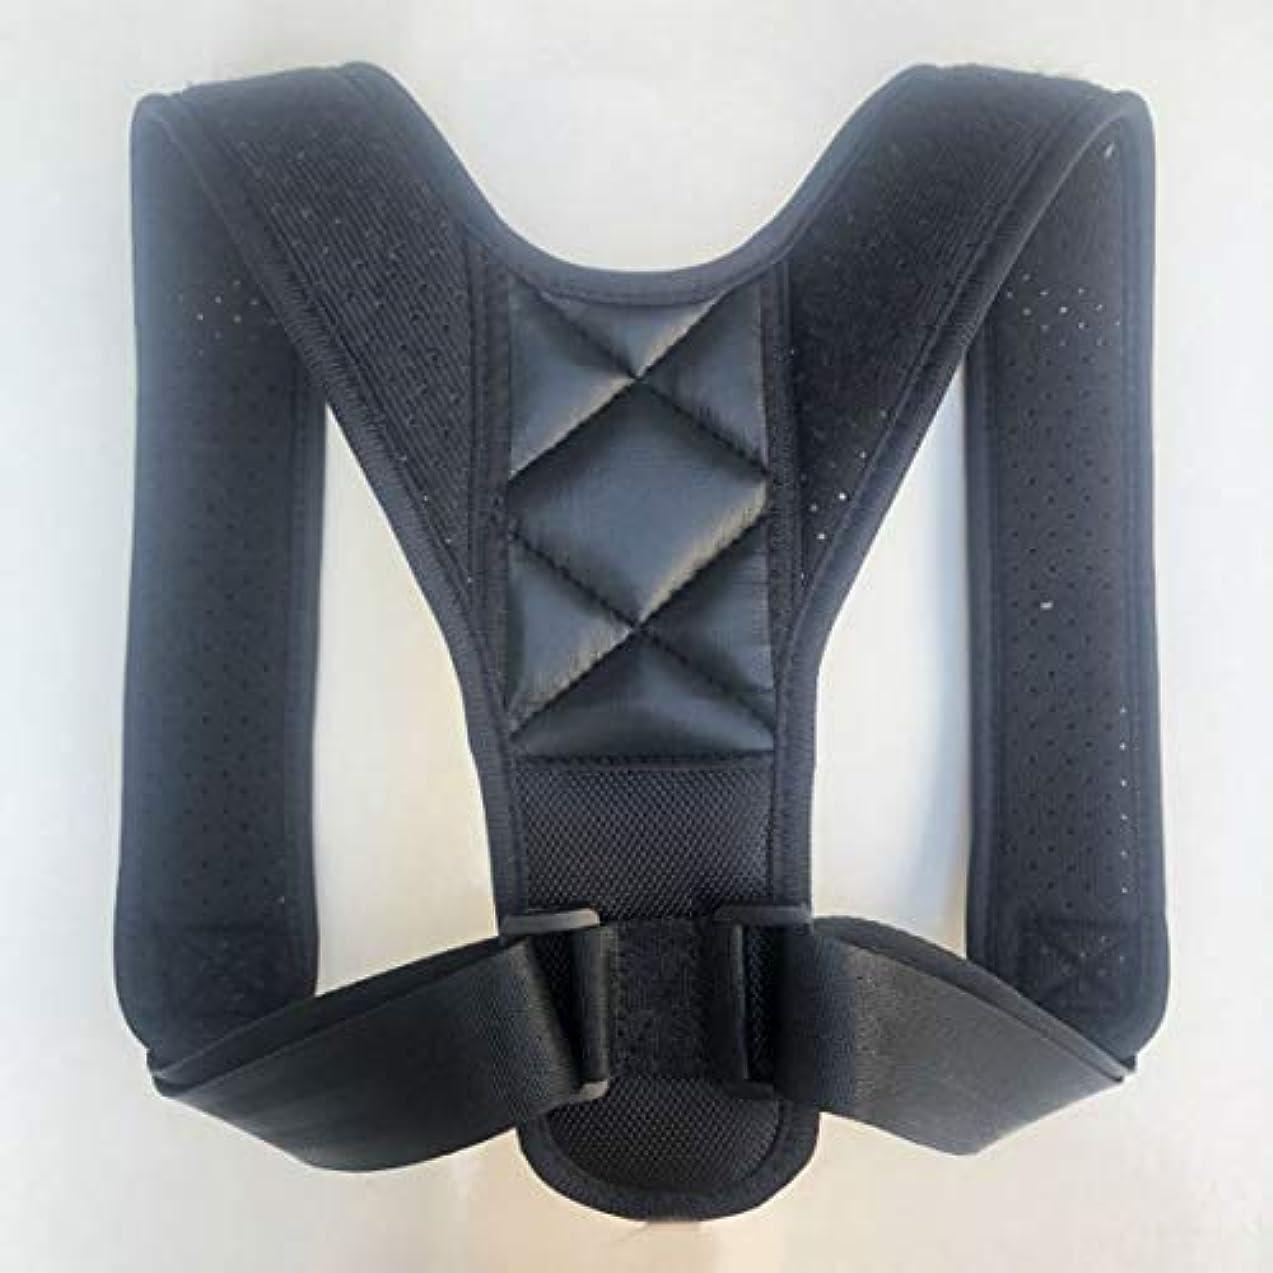 モニカキャストスキルアッパーバックポスチャーコレクター姿勢鎖骨サポートコレクターバックストレートショルダーブレースストラップコレクター - ブラック